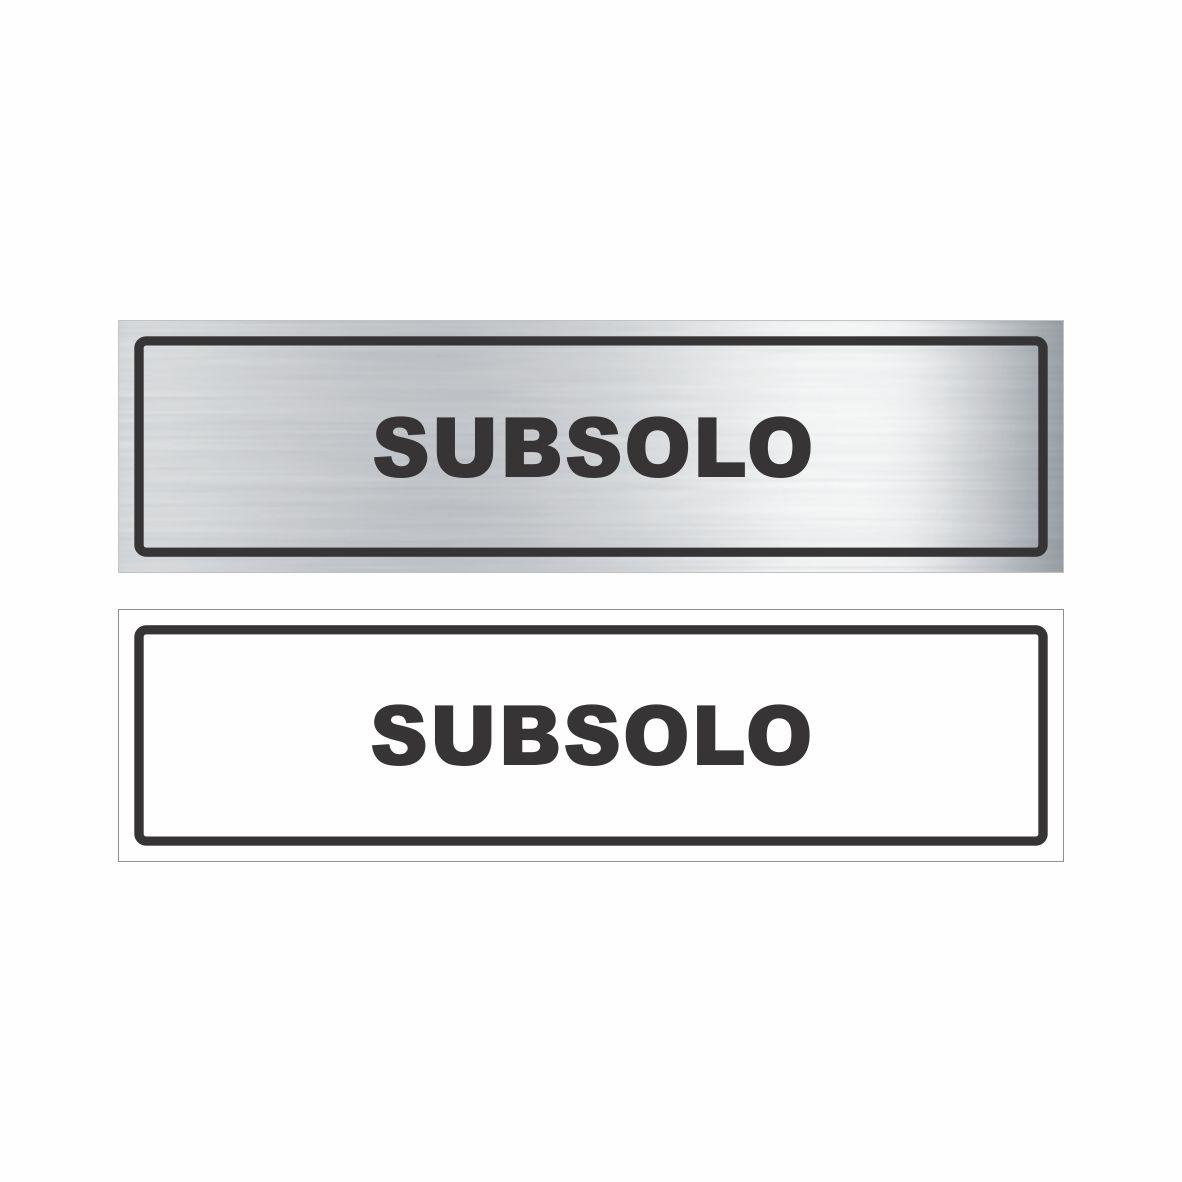 Subsolo  - Towbar Sinalização de Segurança